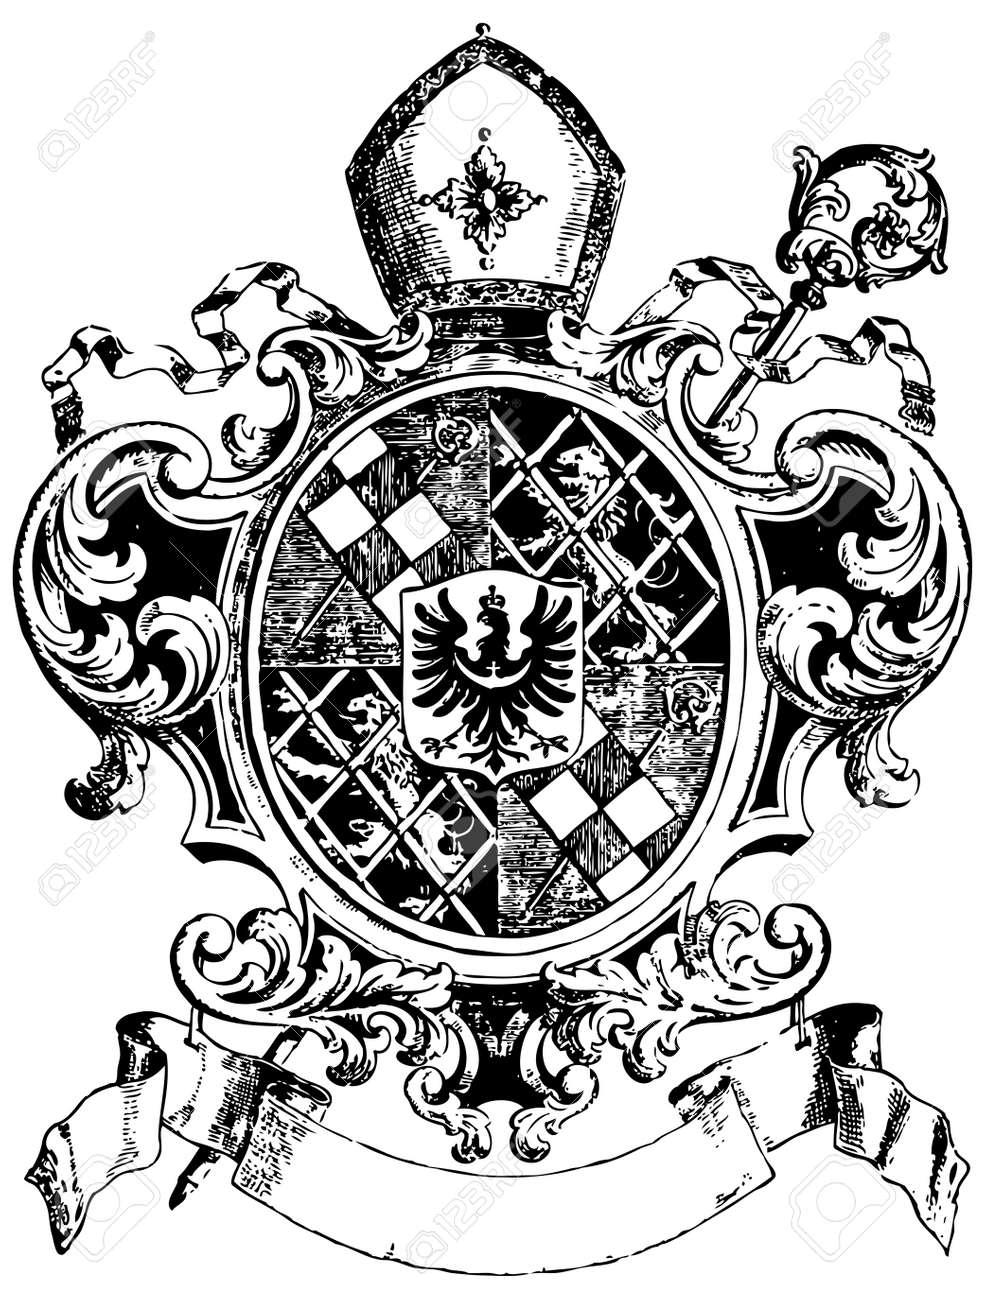 ornate heraldic shields - 3822298